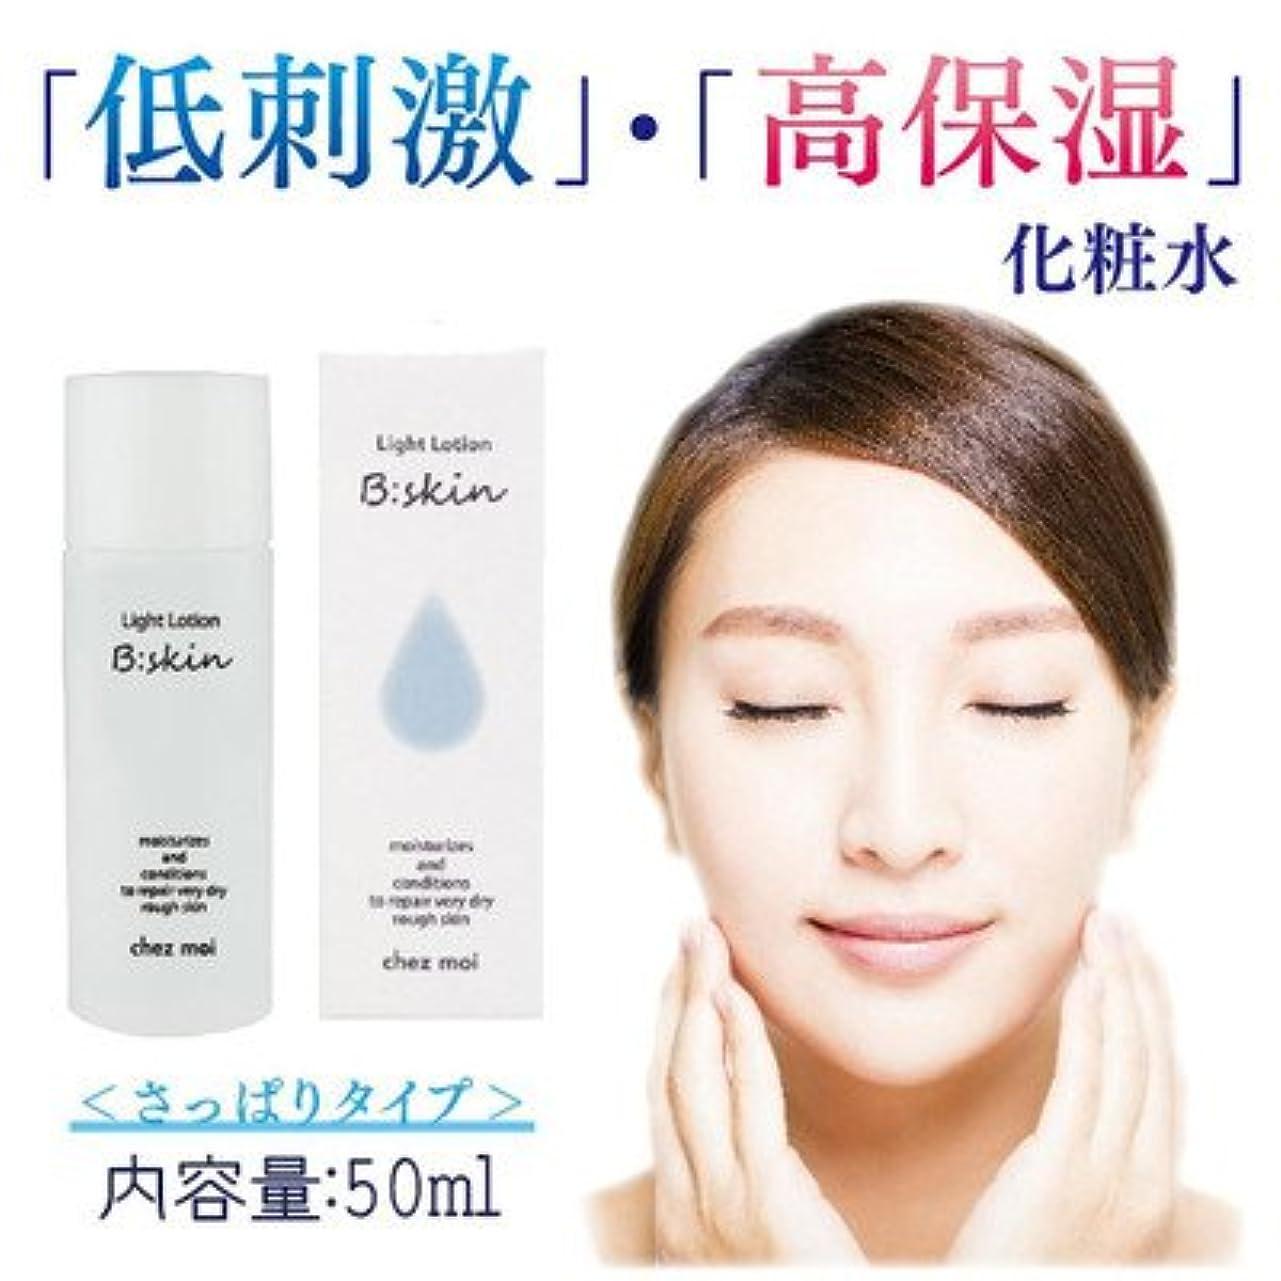 紛争余計な北西低刺激 高保湿 さっぱりタイプの化粧水 B:skin ビースキン Light Lotion ライトローション さっぱりタイプ 化粧水 50mL